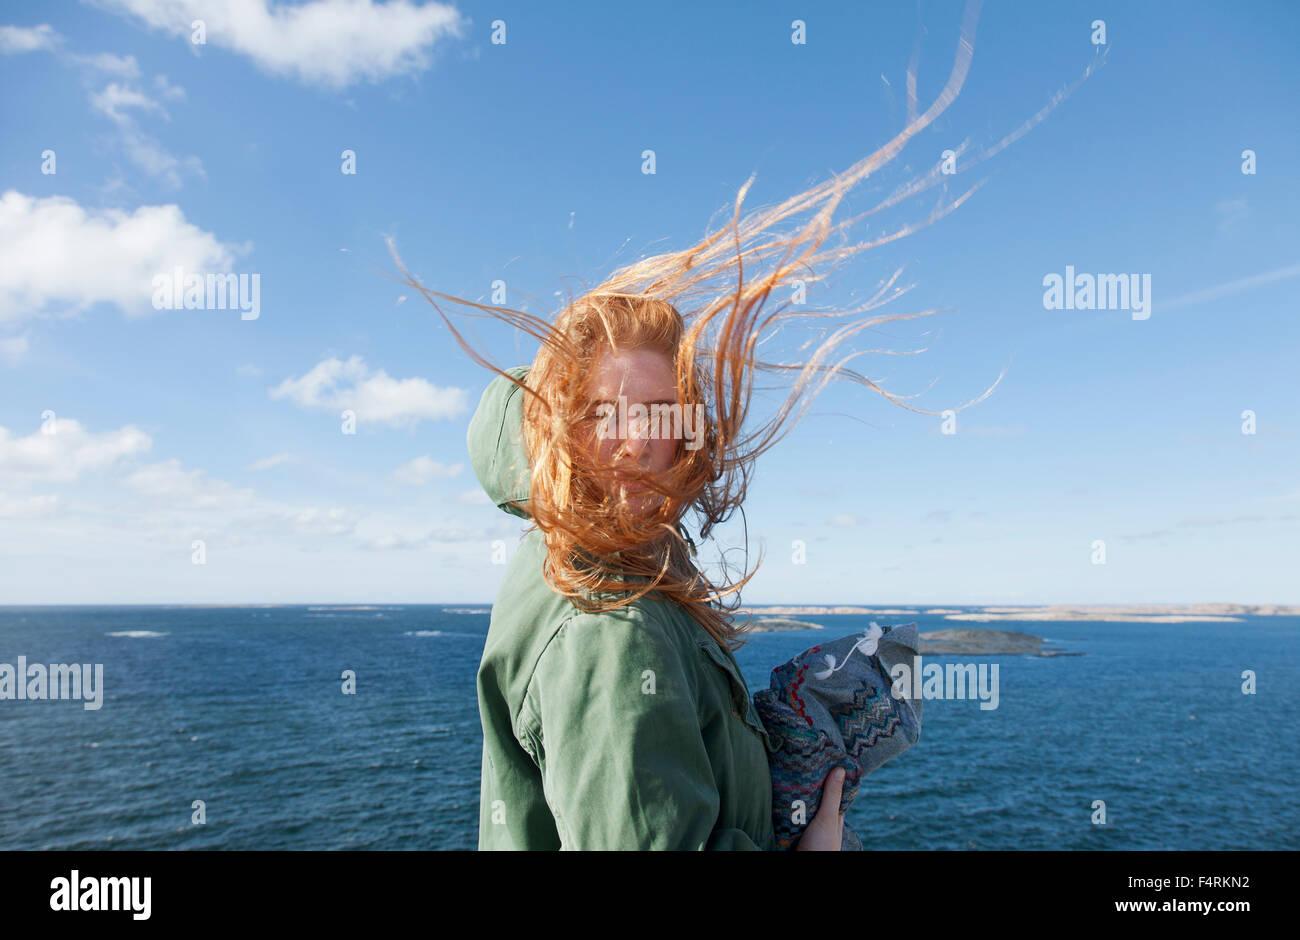 La Suède, la Côte Ouest Suédoise, Bohuslan, Skaftolandet, Jeune femme debout au bord de mer Banque D'Images